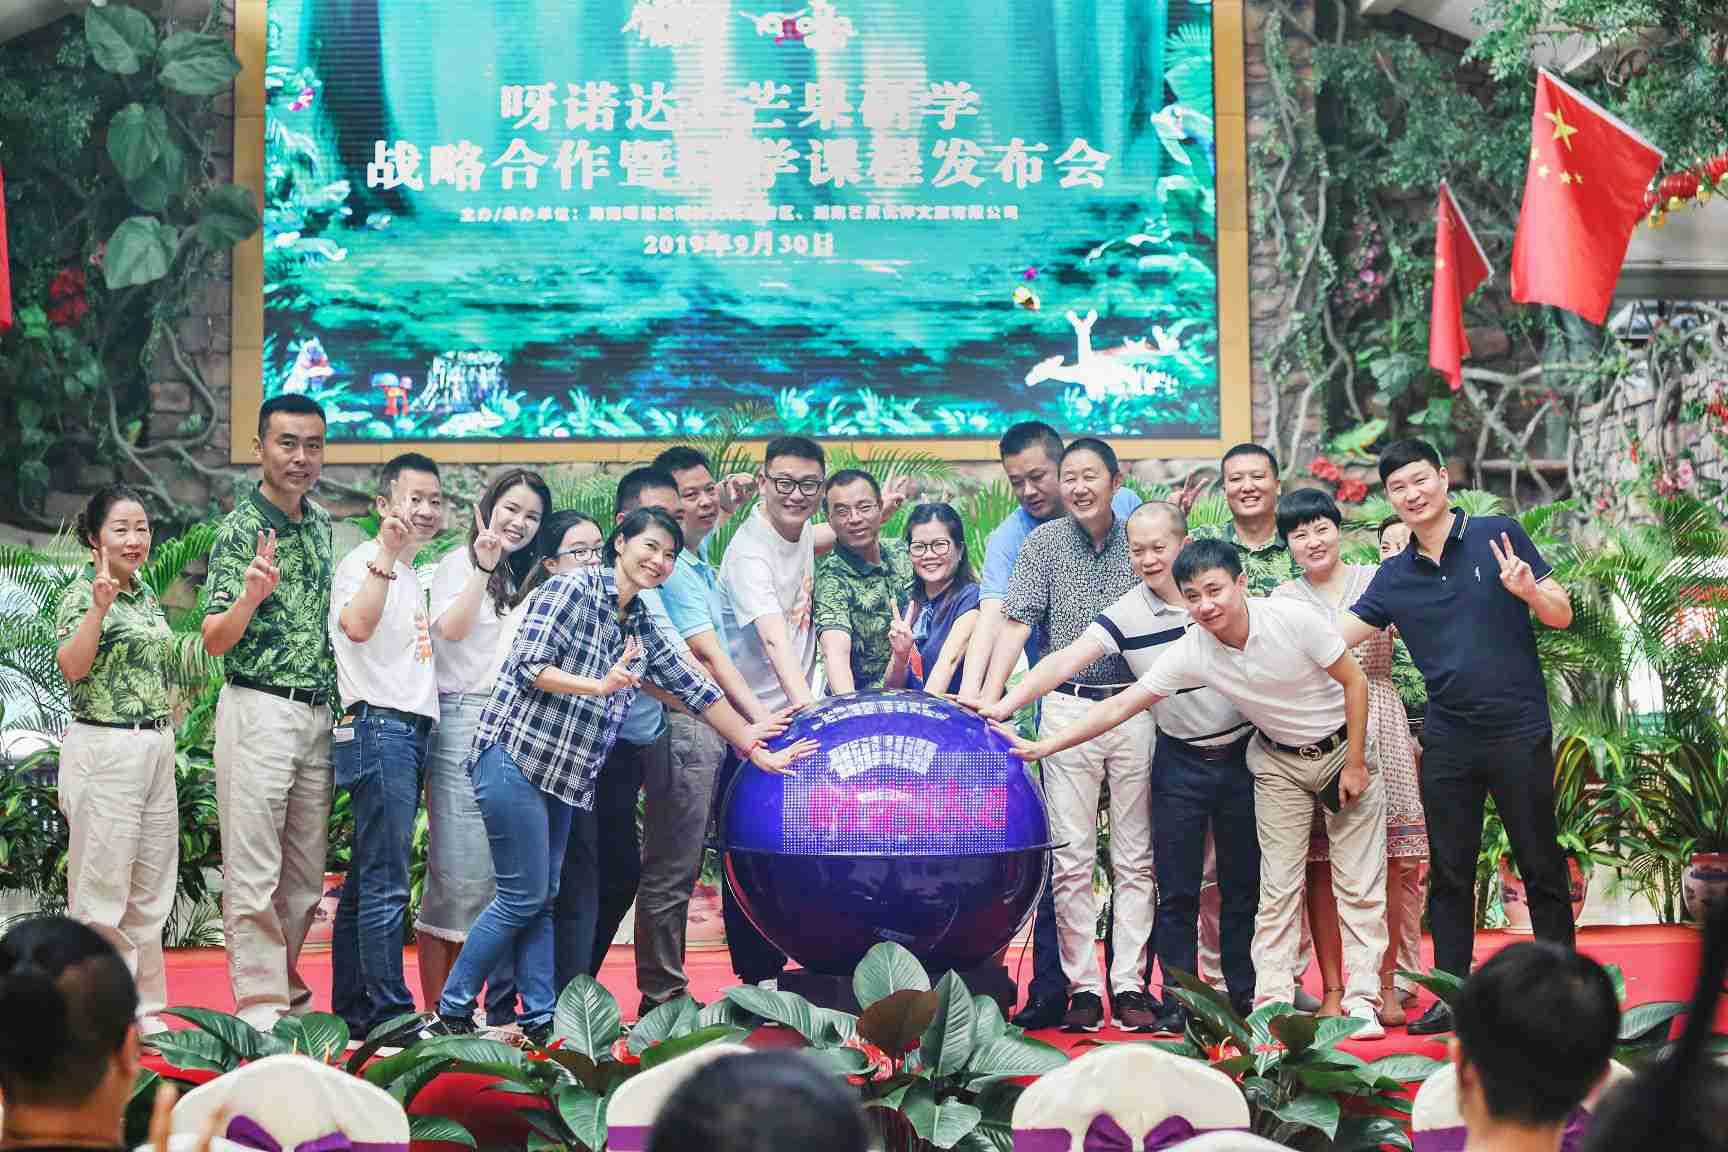 呀诺达携手芒果研学达成战略合作雨林守护人研学课程正式发布